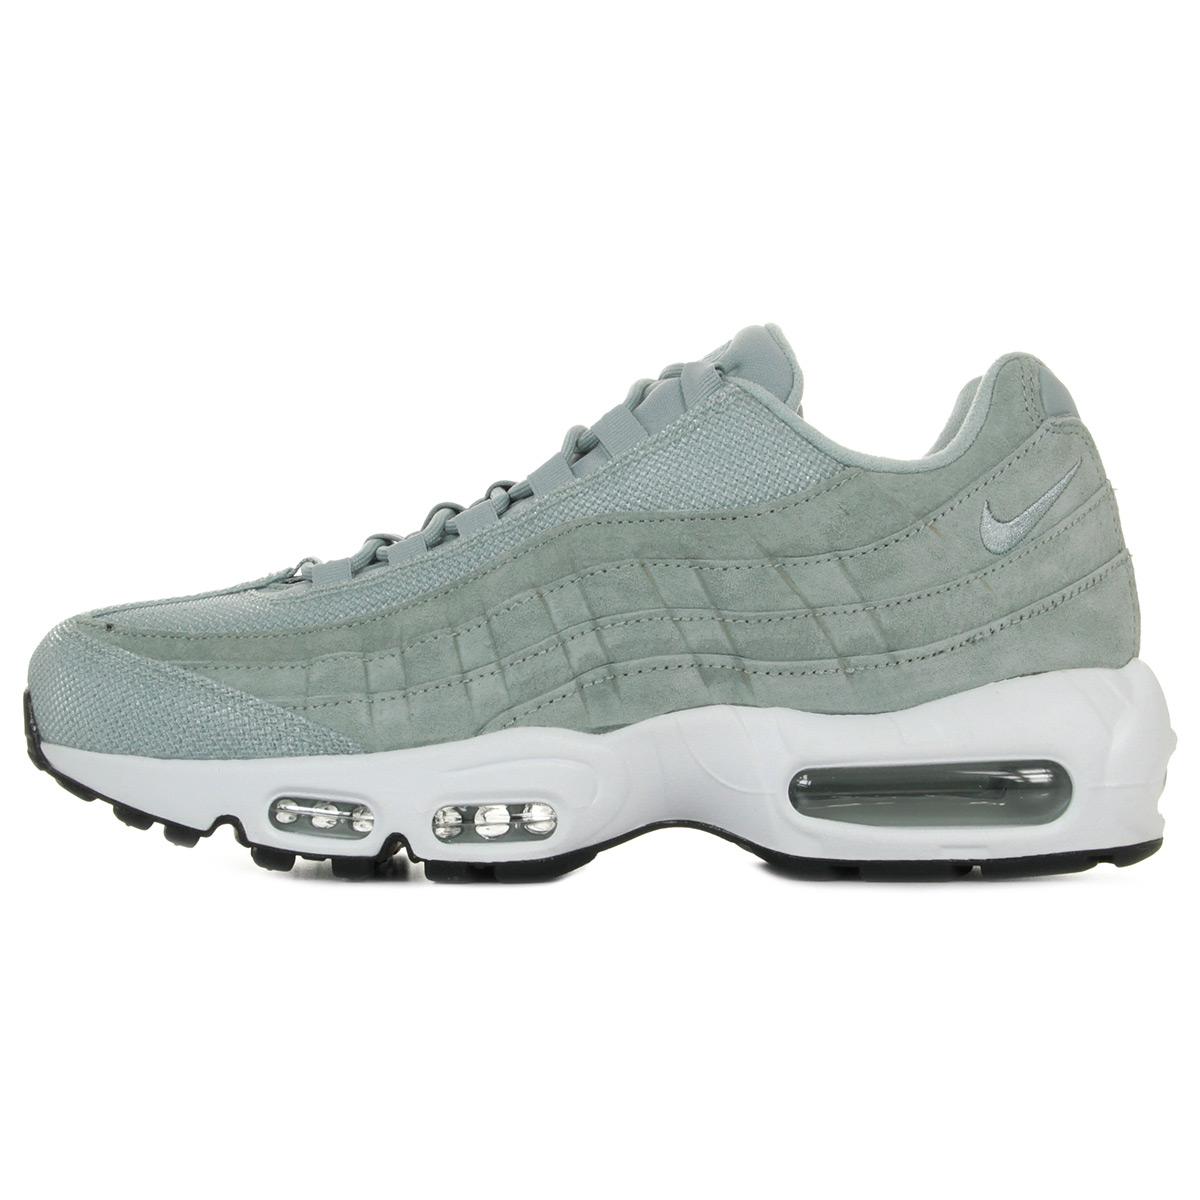 6a092f3dd98803 Nike Air max 95 premium 807443013 Baskets mode homme Vente De Haute ...